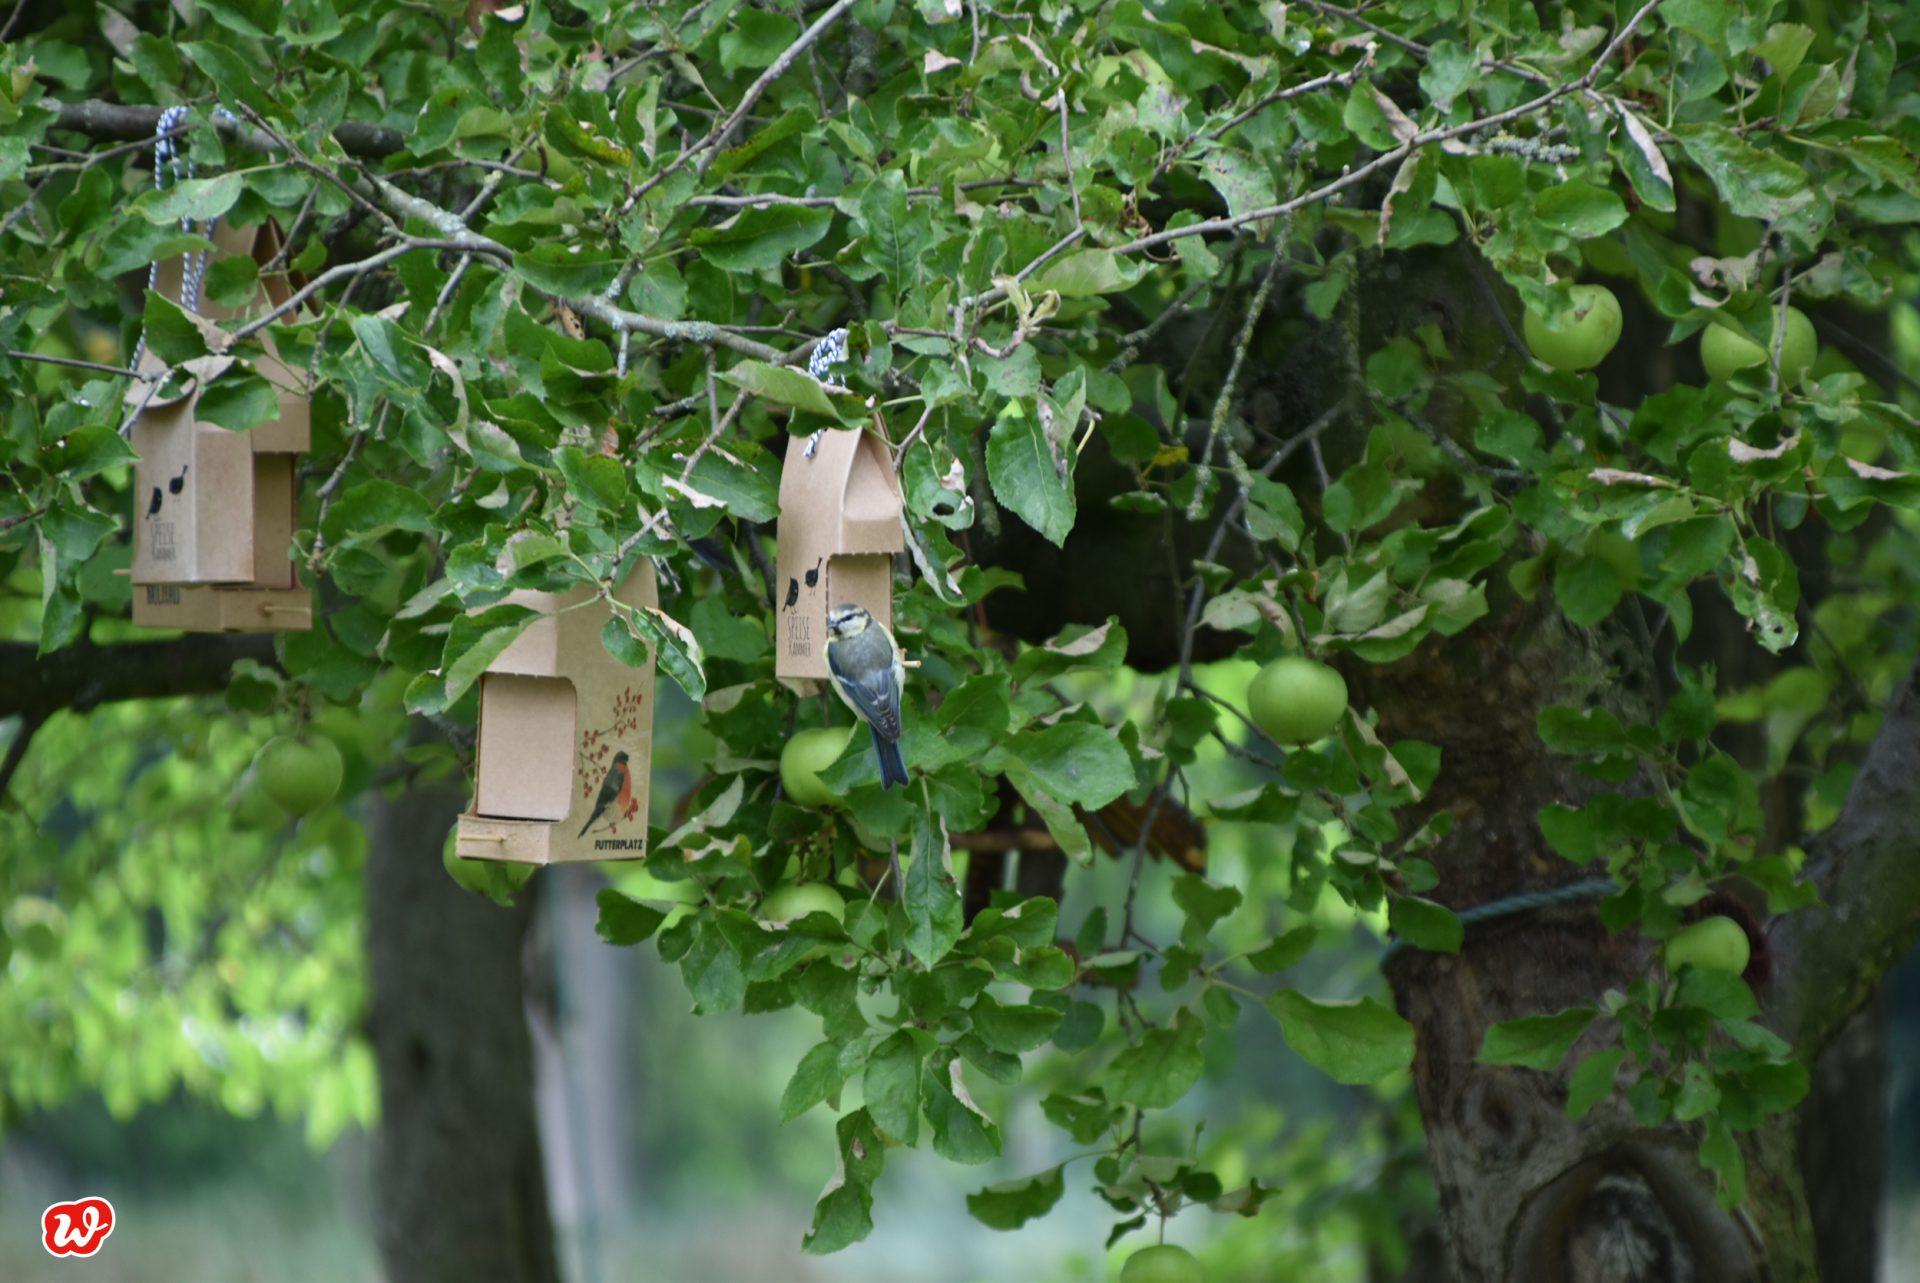 Wunderle Wildvogelspeisekammern in Baum mit Meisen